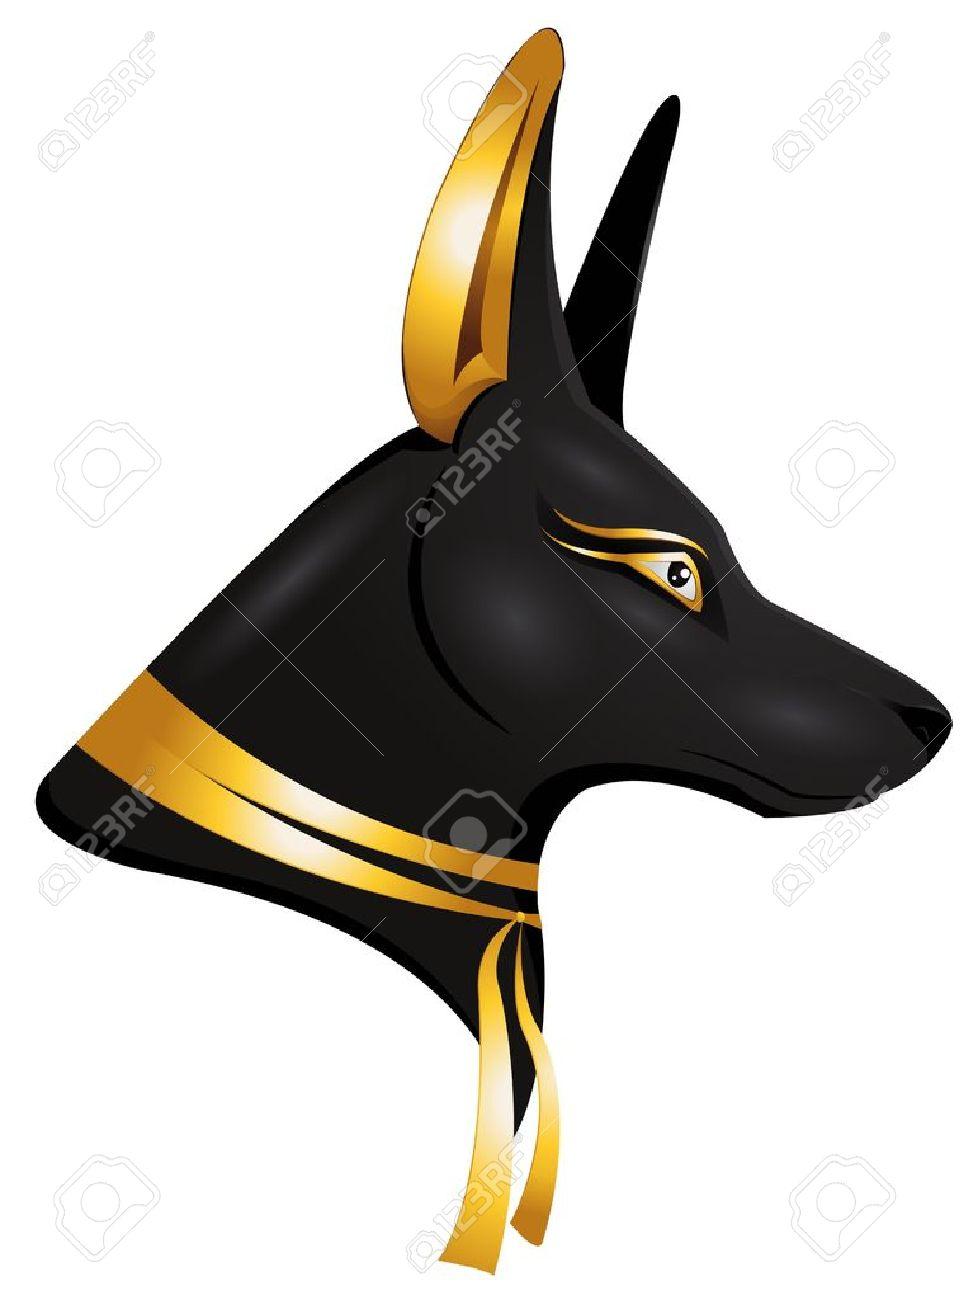 the egyptian god Anubis Stock Vector - 13524579